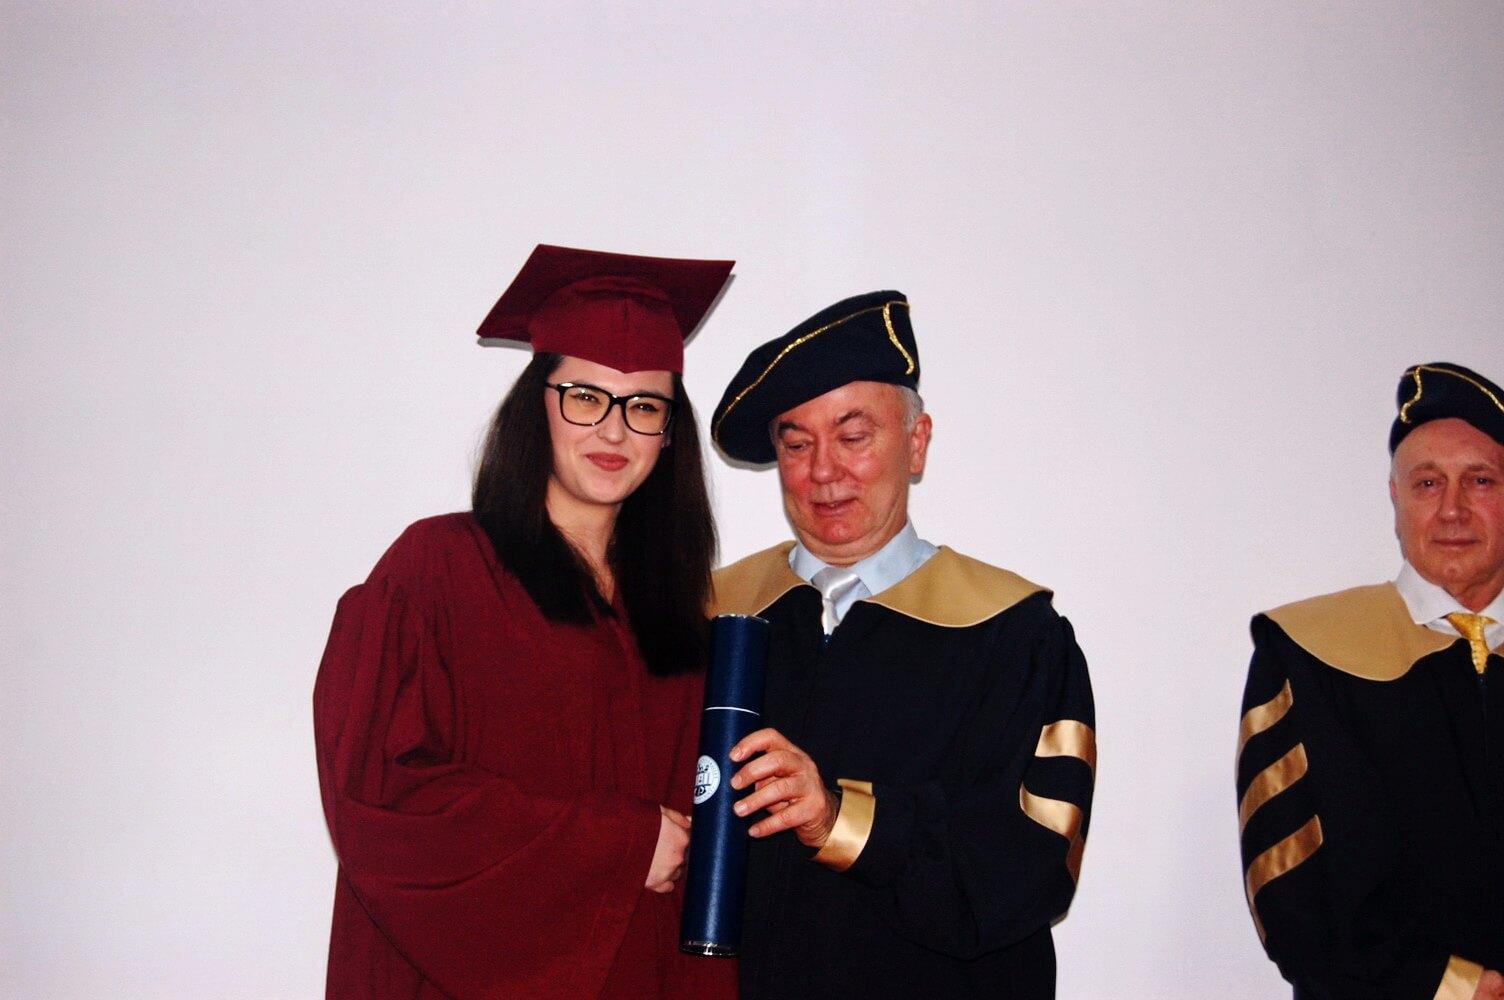 Dan Univerziteta 2020 167